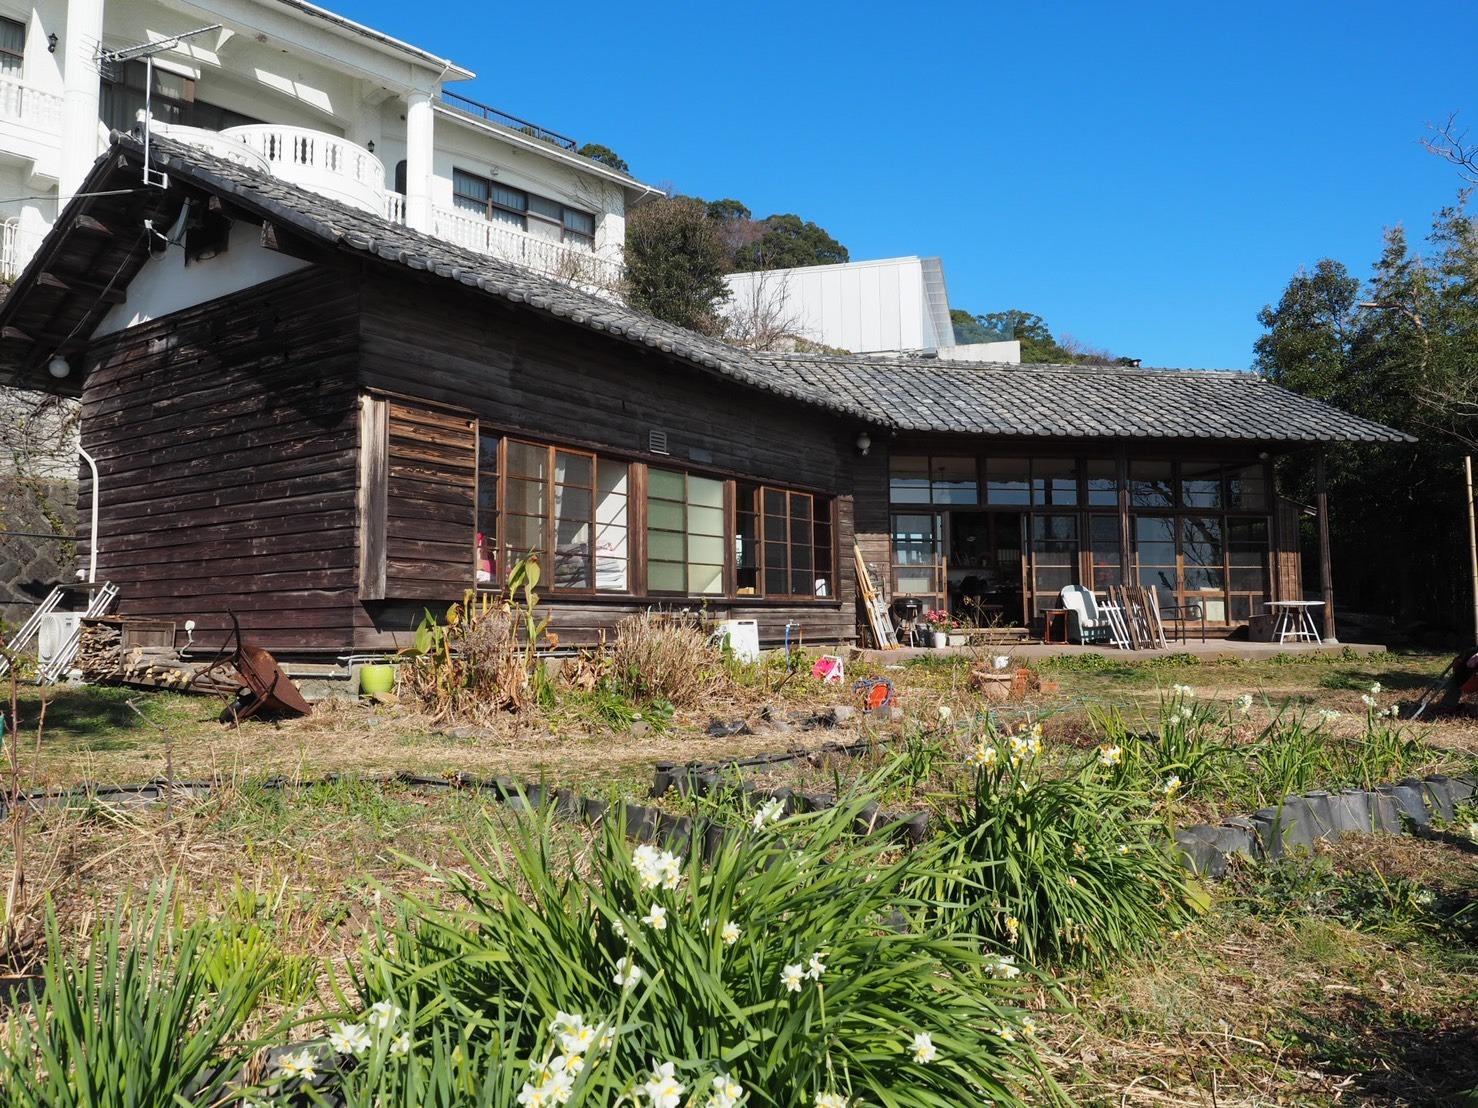 広い庭からは海が一望できます。雰囲気のある古民家で非日常な休日をお過ごしください。